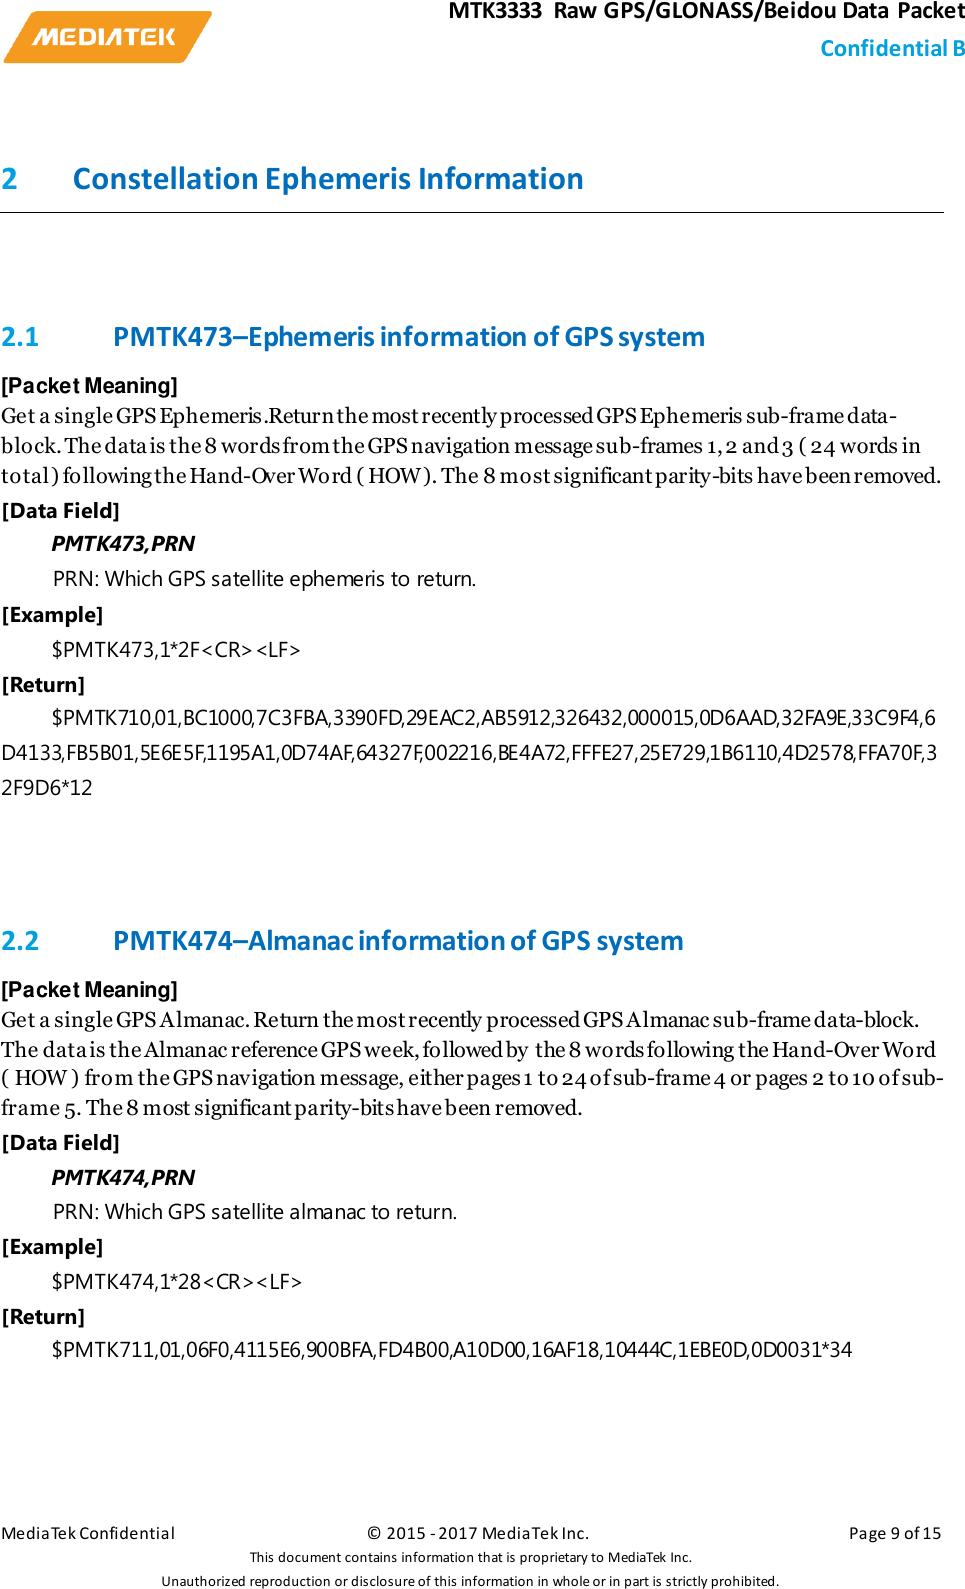 MTK Raw GNSS Data User Manual V10 7